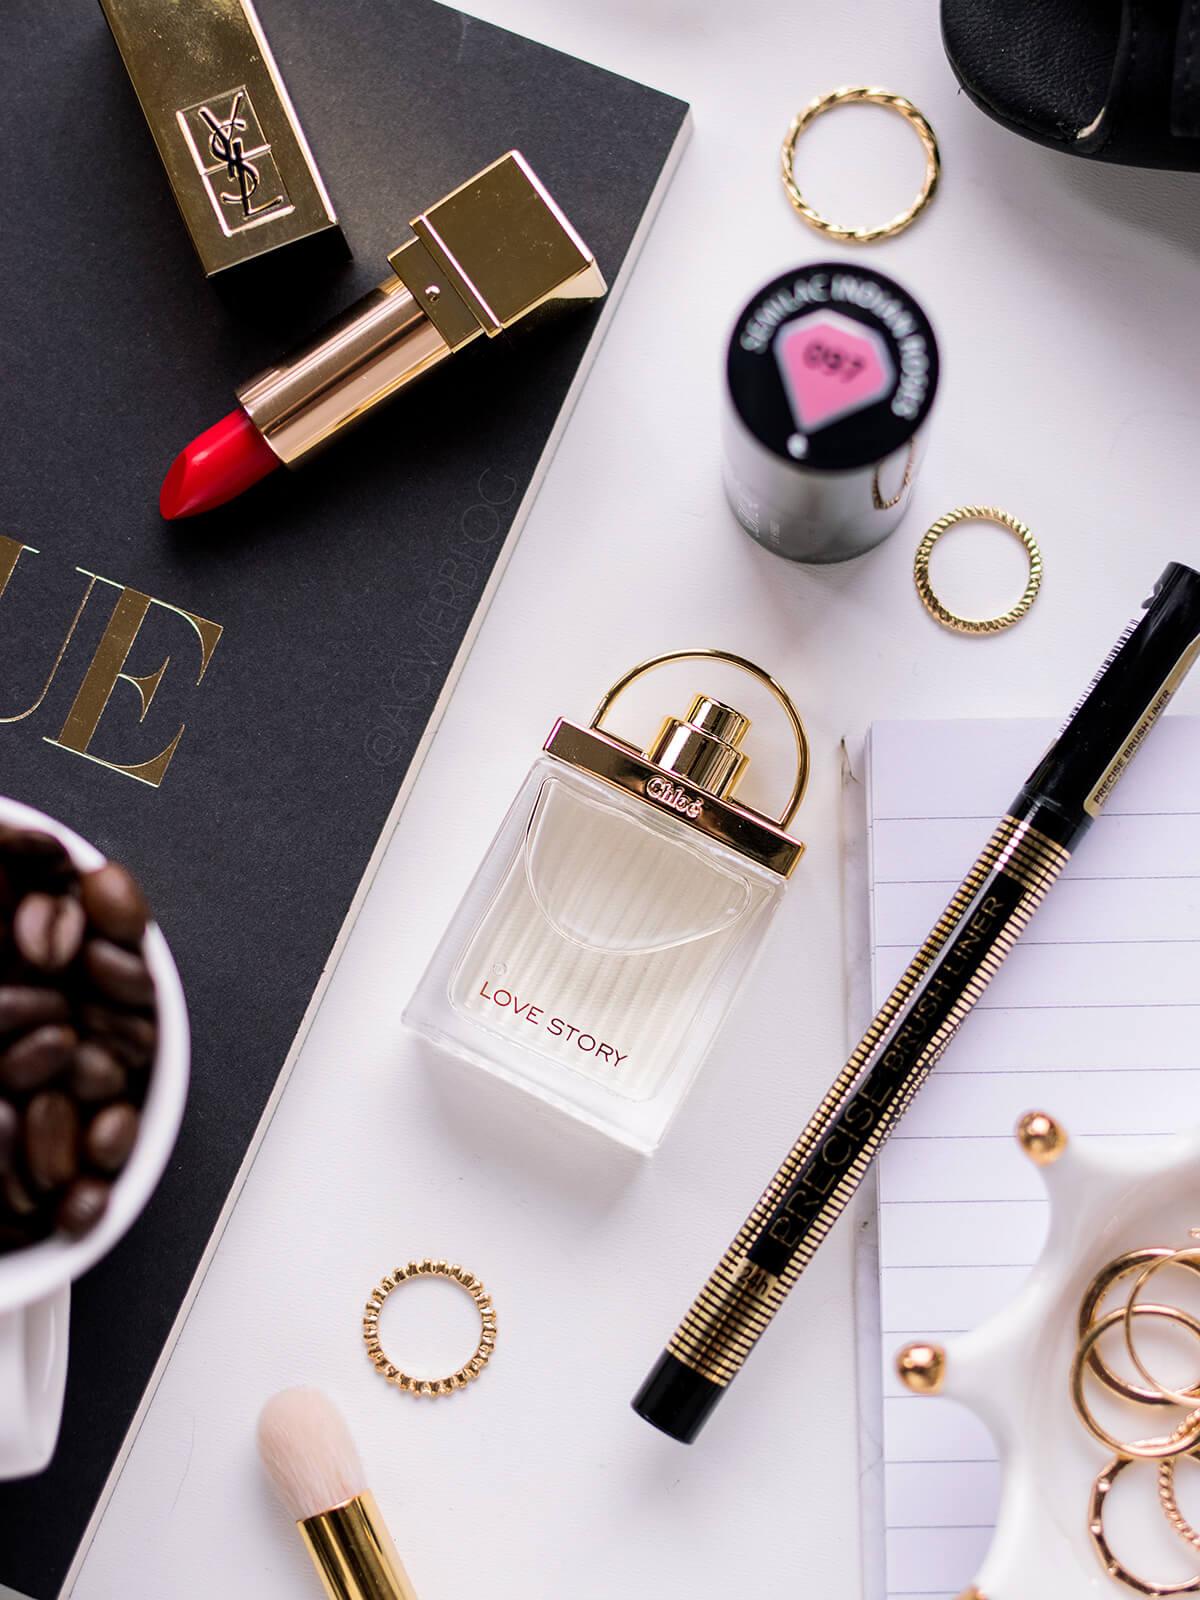 dzień kobiet perfumy